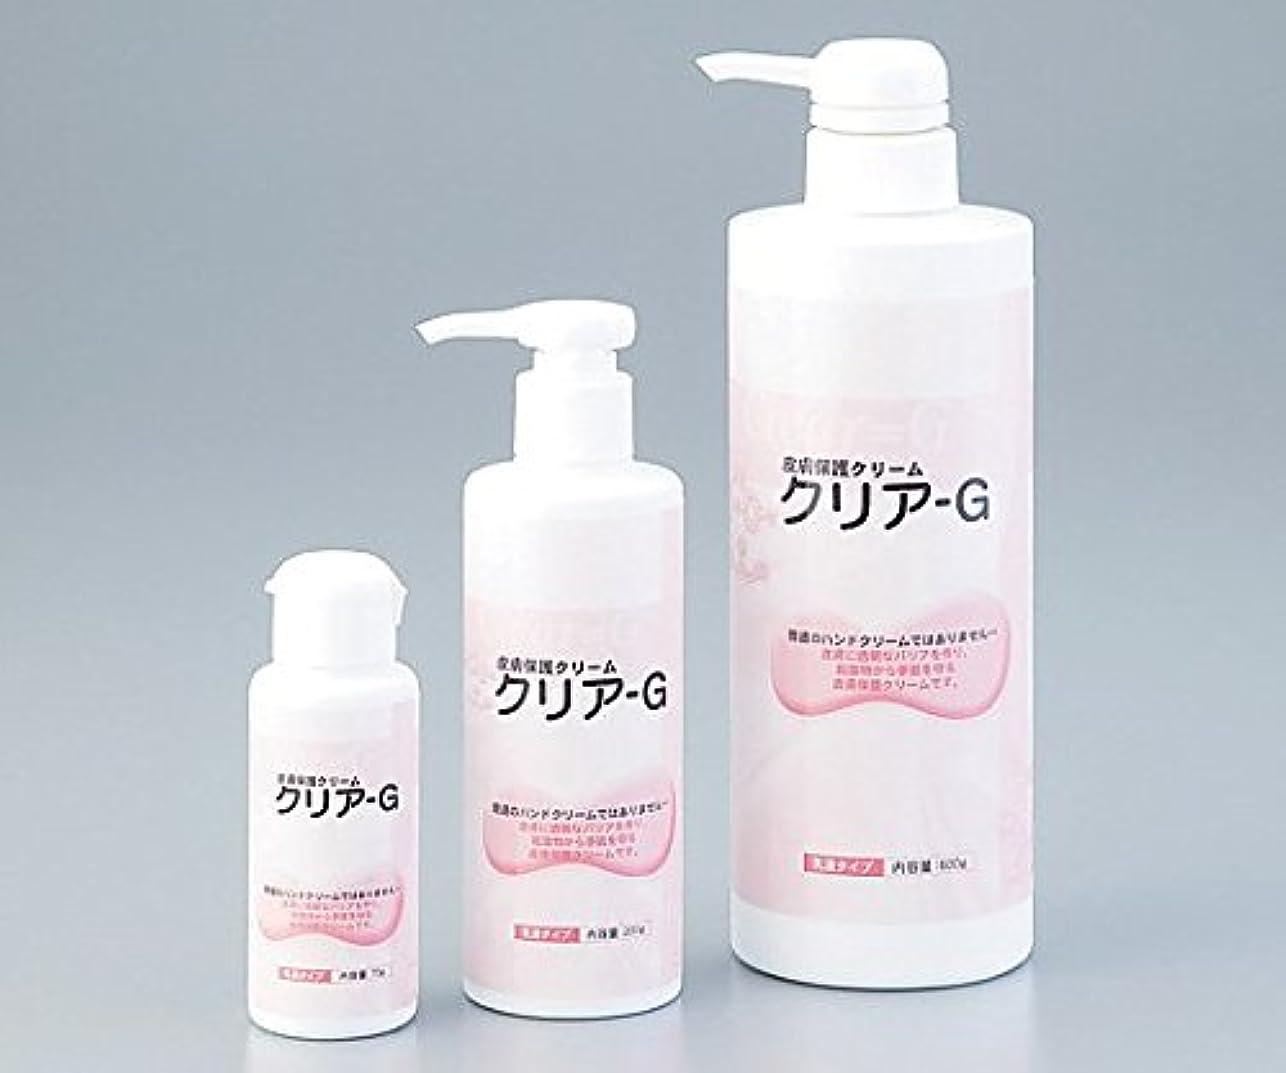 頑張る庭園洗練ナビス 皮膚保護クリーム 600g 0-8238-12